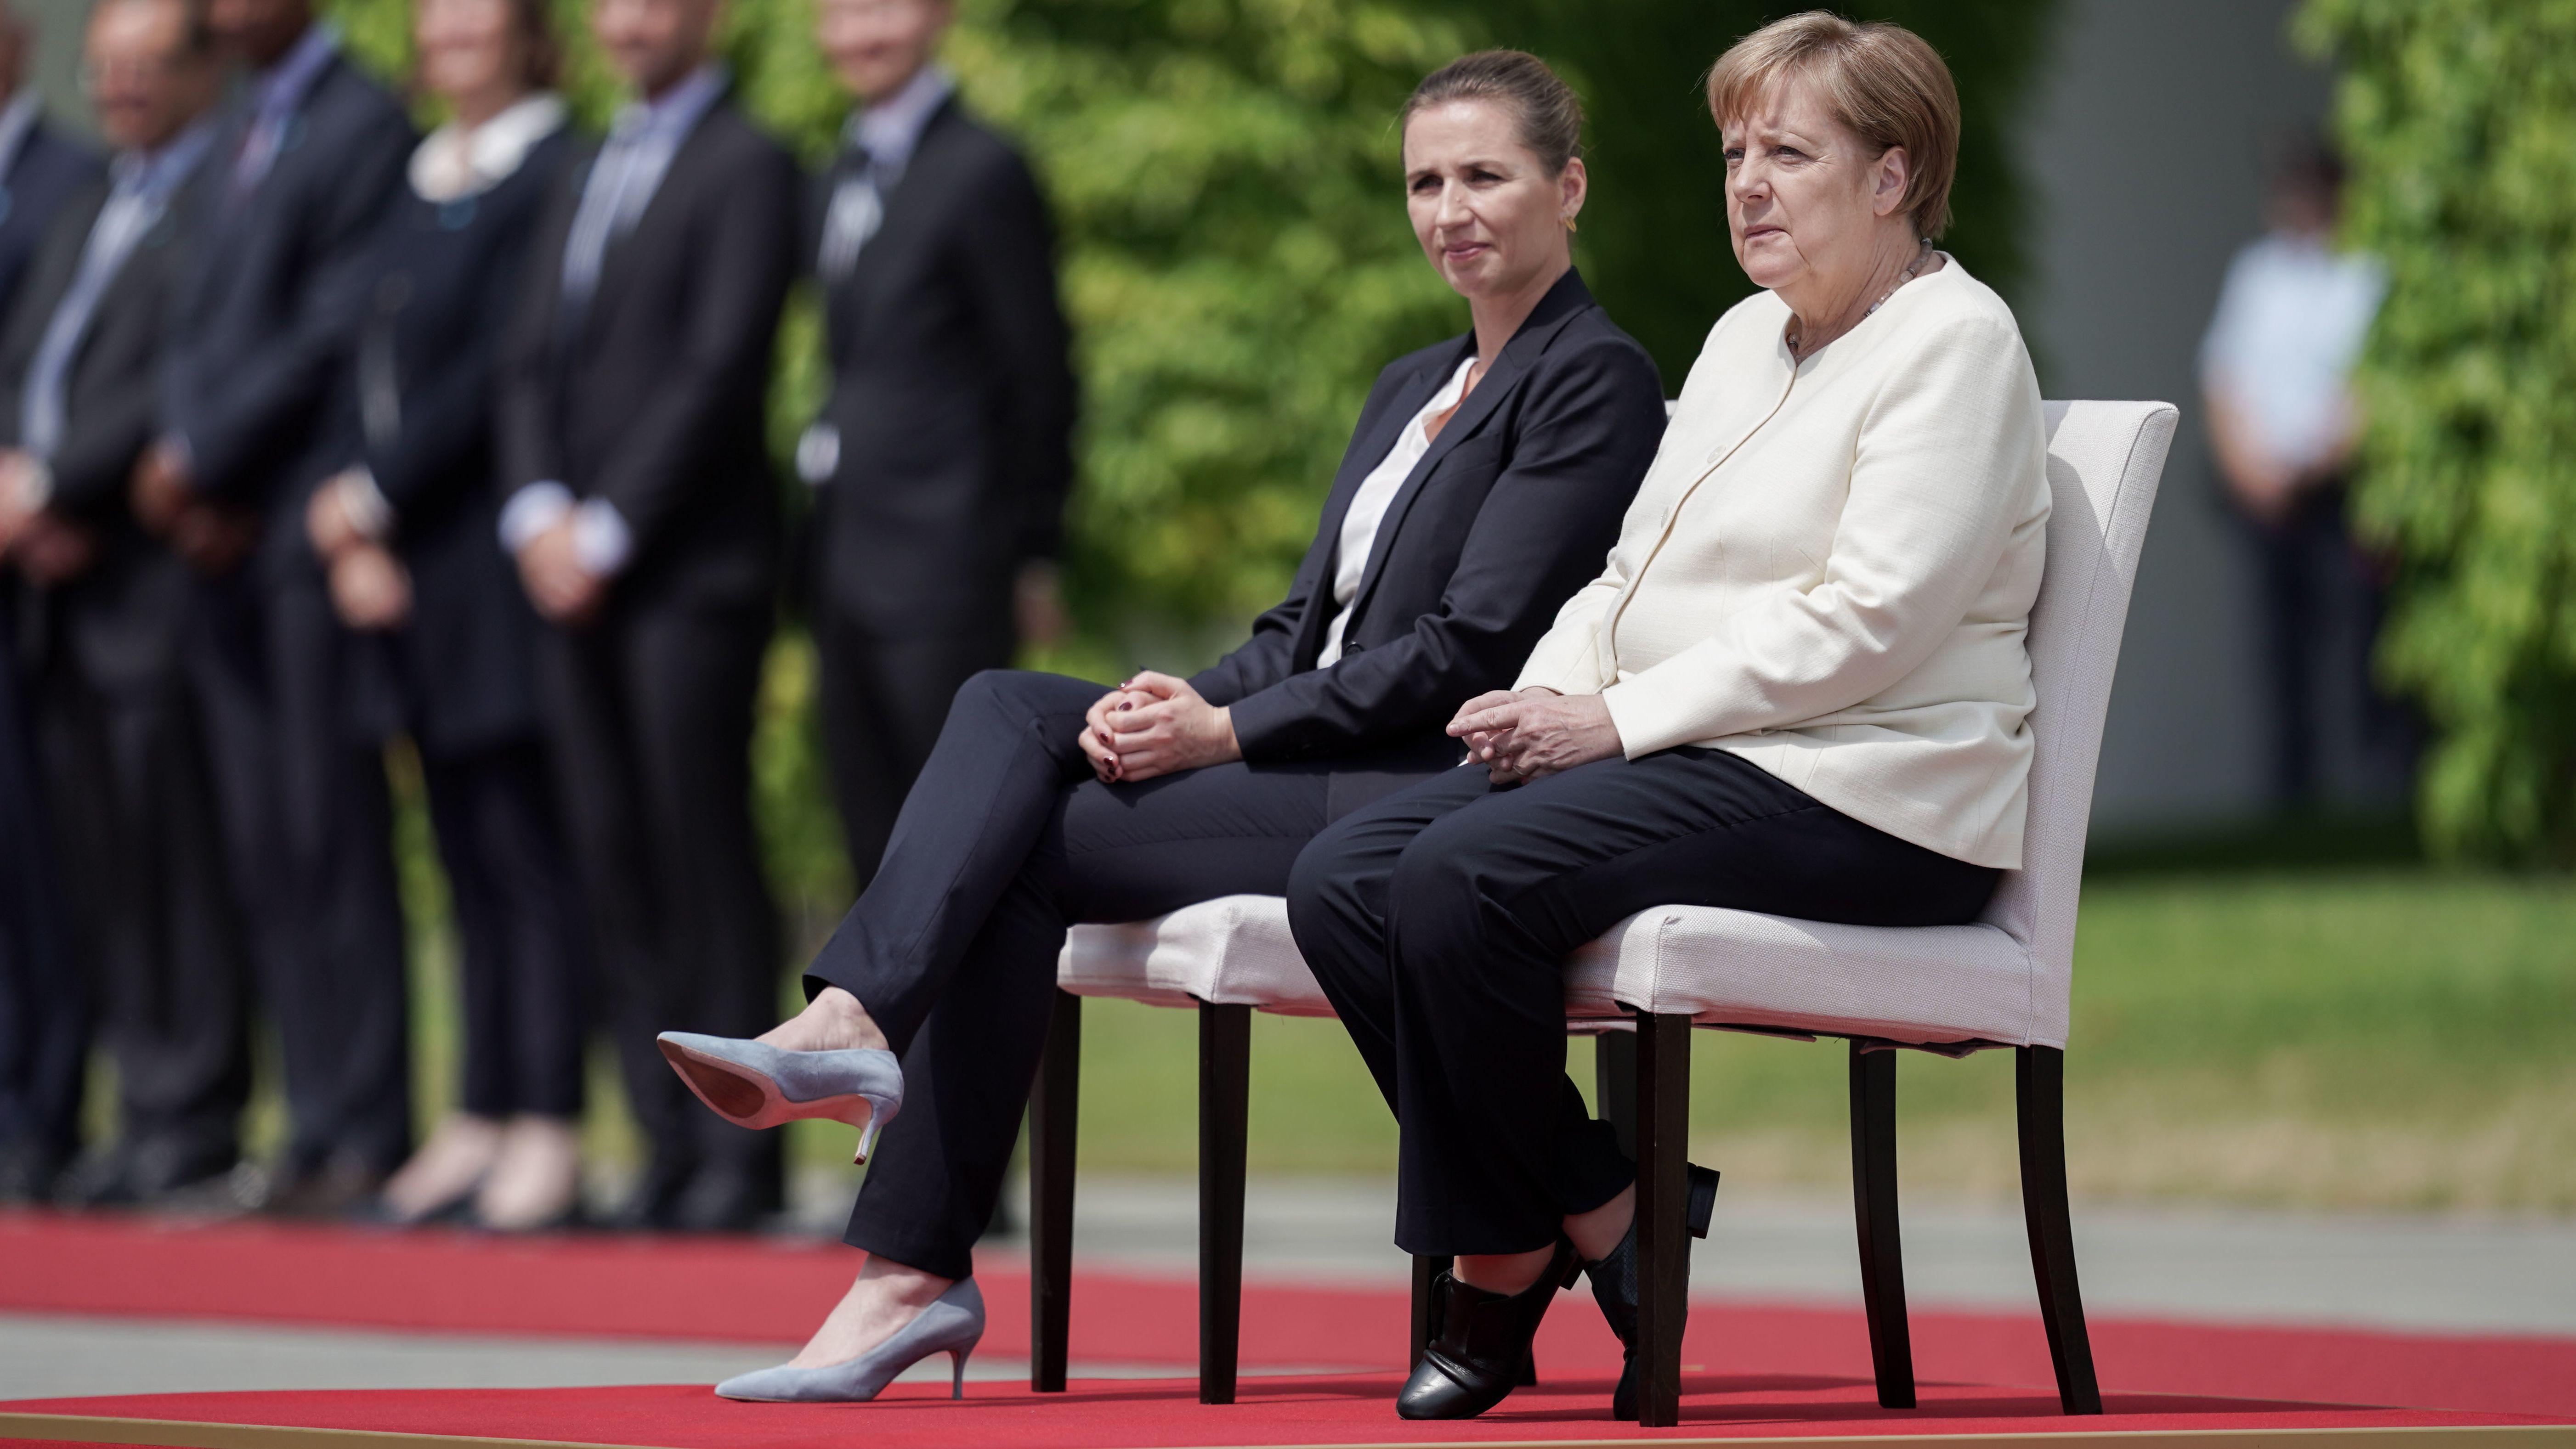 Bundeskanzlerin Merkel und die dänische Ministerpräsidentin Frederiksen beim Staatsempfang vor dem Bundeskanzleramt in Berlin